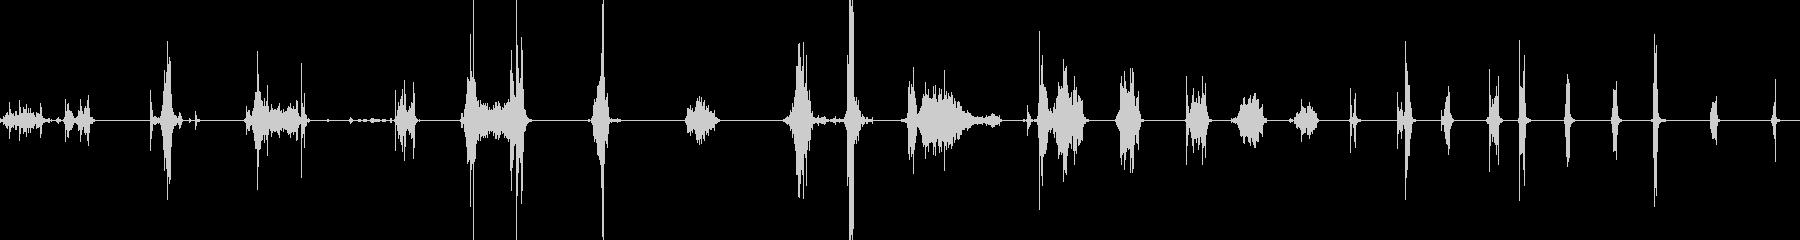 ビリビリと紙を破る音の未再生の波形